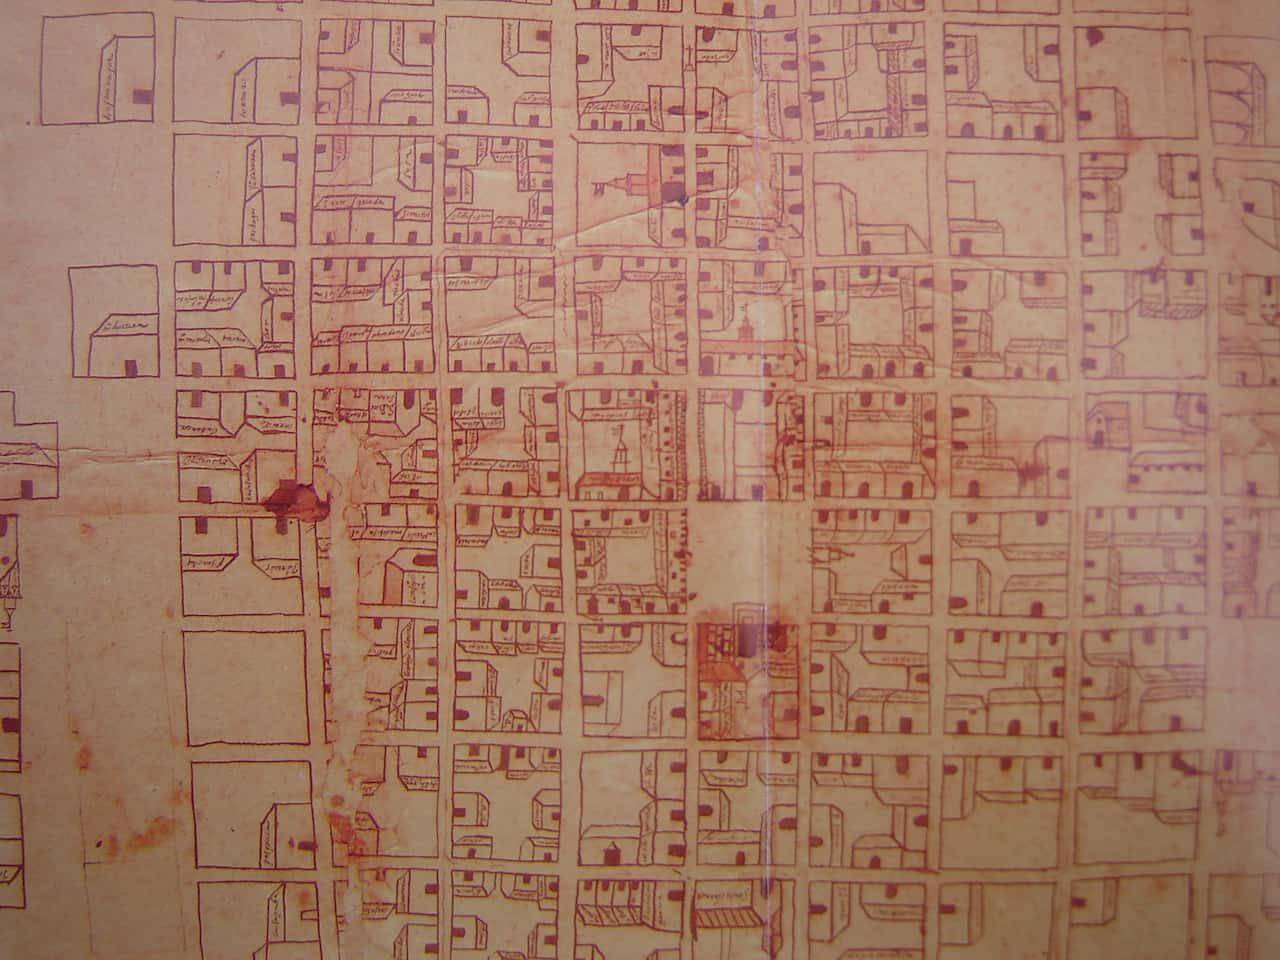 Este plano del centro de Tunja correspondiente al año 1623 deja ver cómo se organizaban las cuadras y manzanas. Foto: Archivo Digital de Tunja.